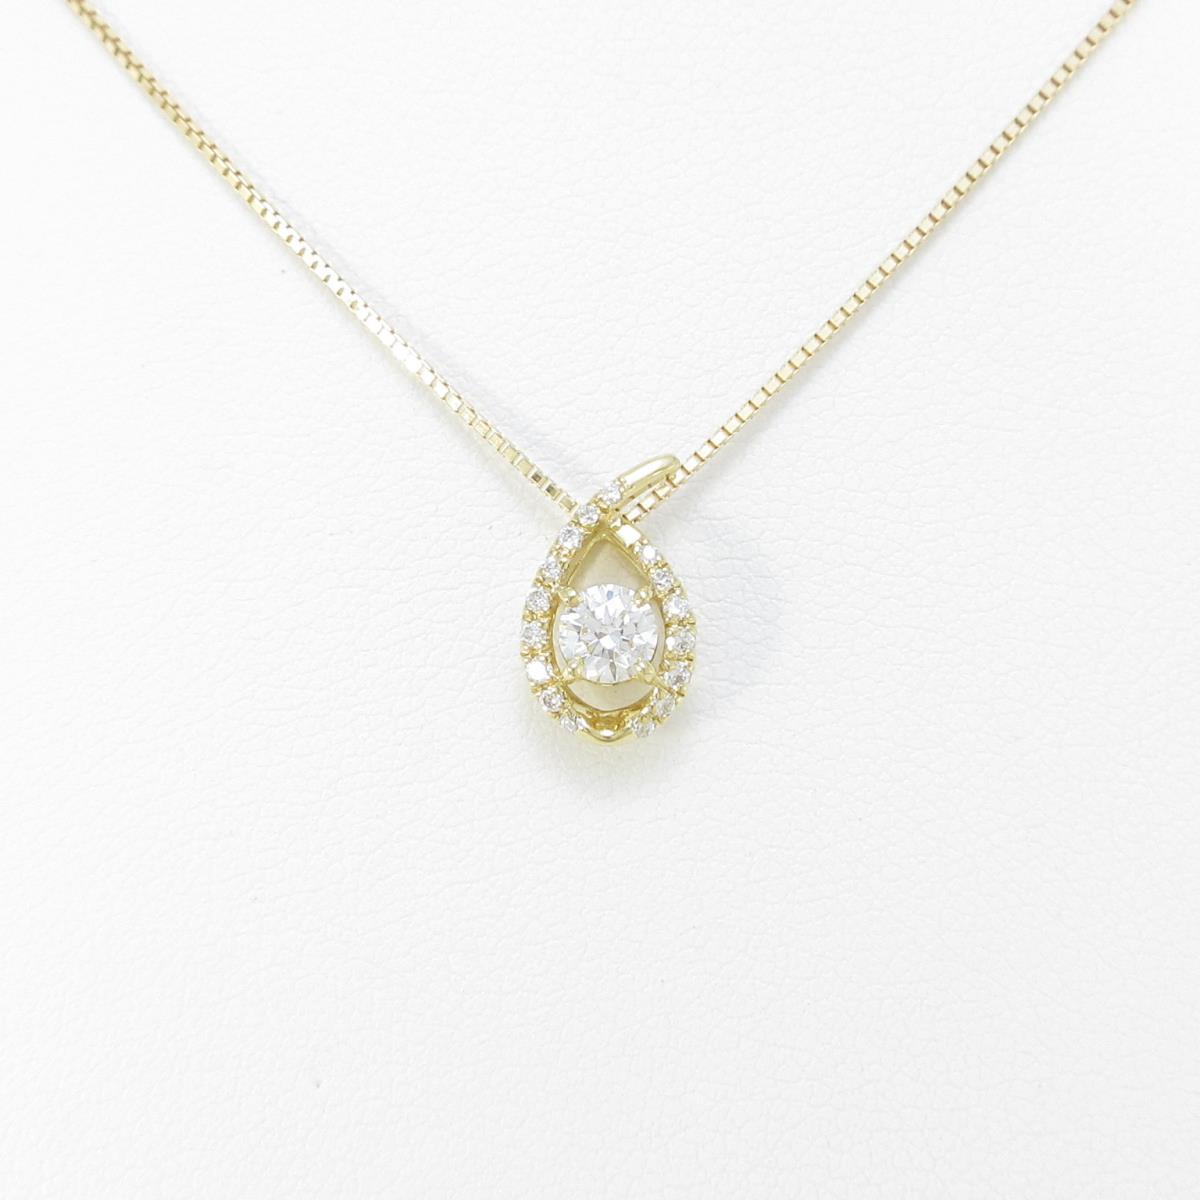 【新品】K18YG ダイヤモンドネックレス 0.245ct・G・SI2・VG【新品】